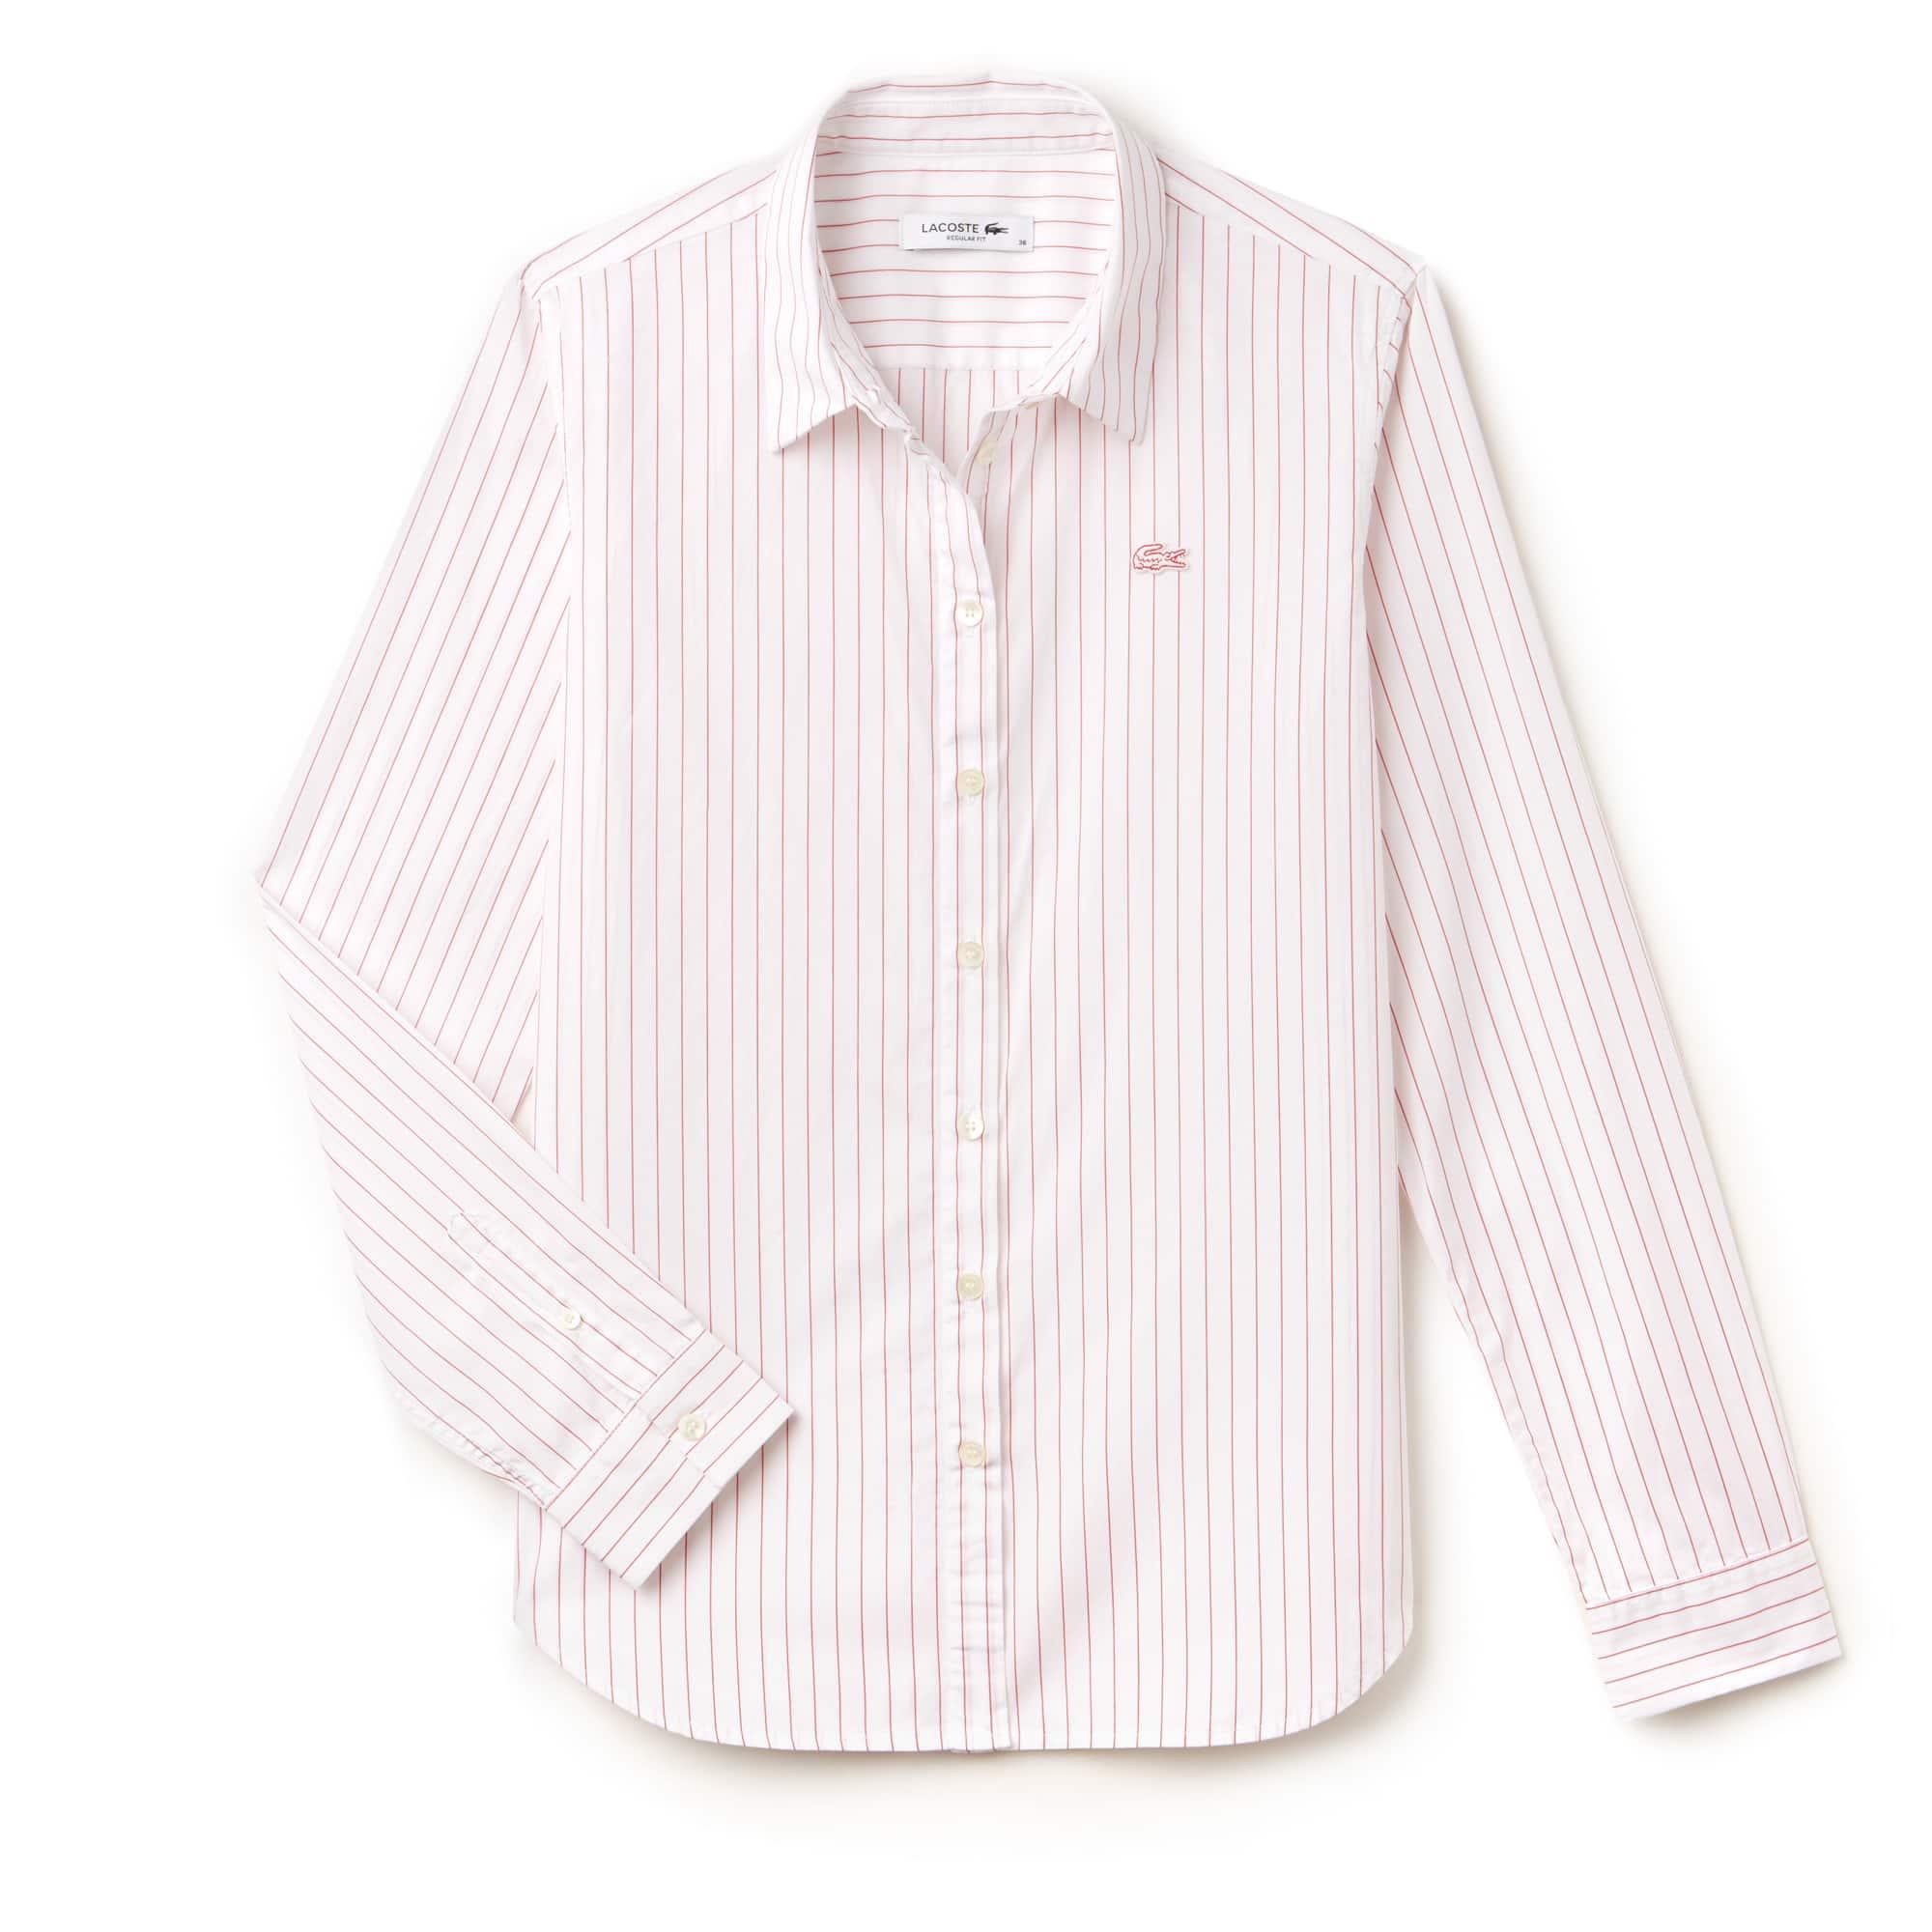 Regular Fit Damen-Hemd aus Baumwoll-Popeline mit Streifen